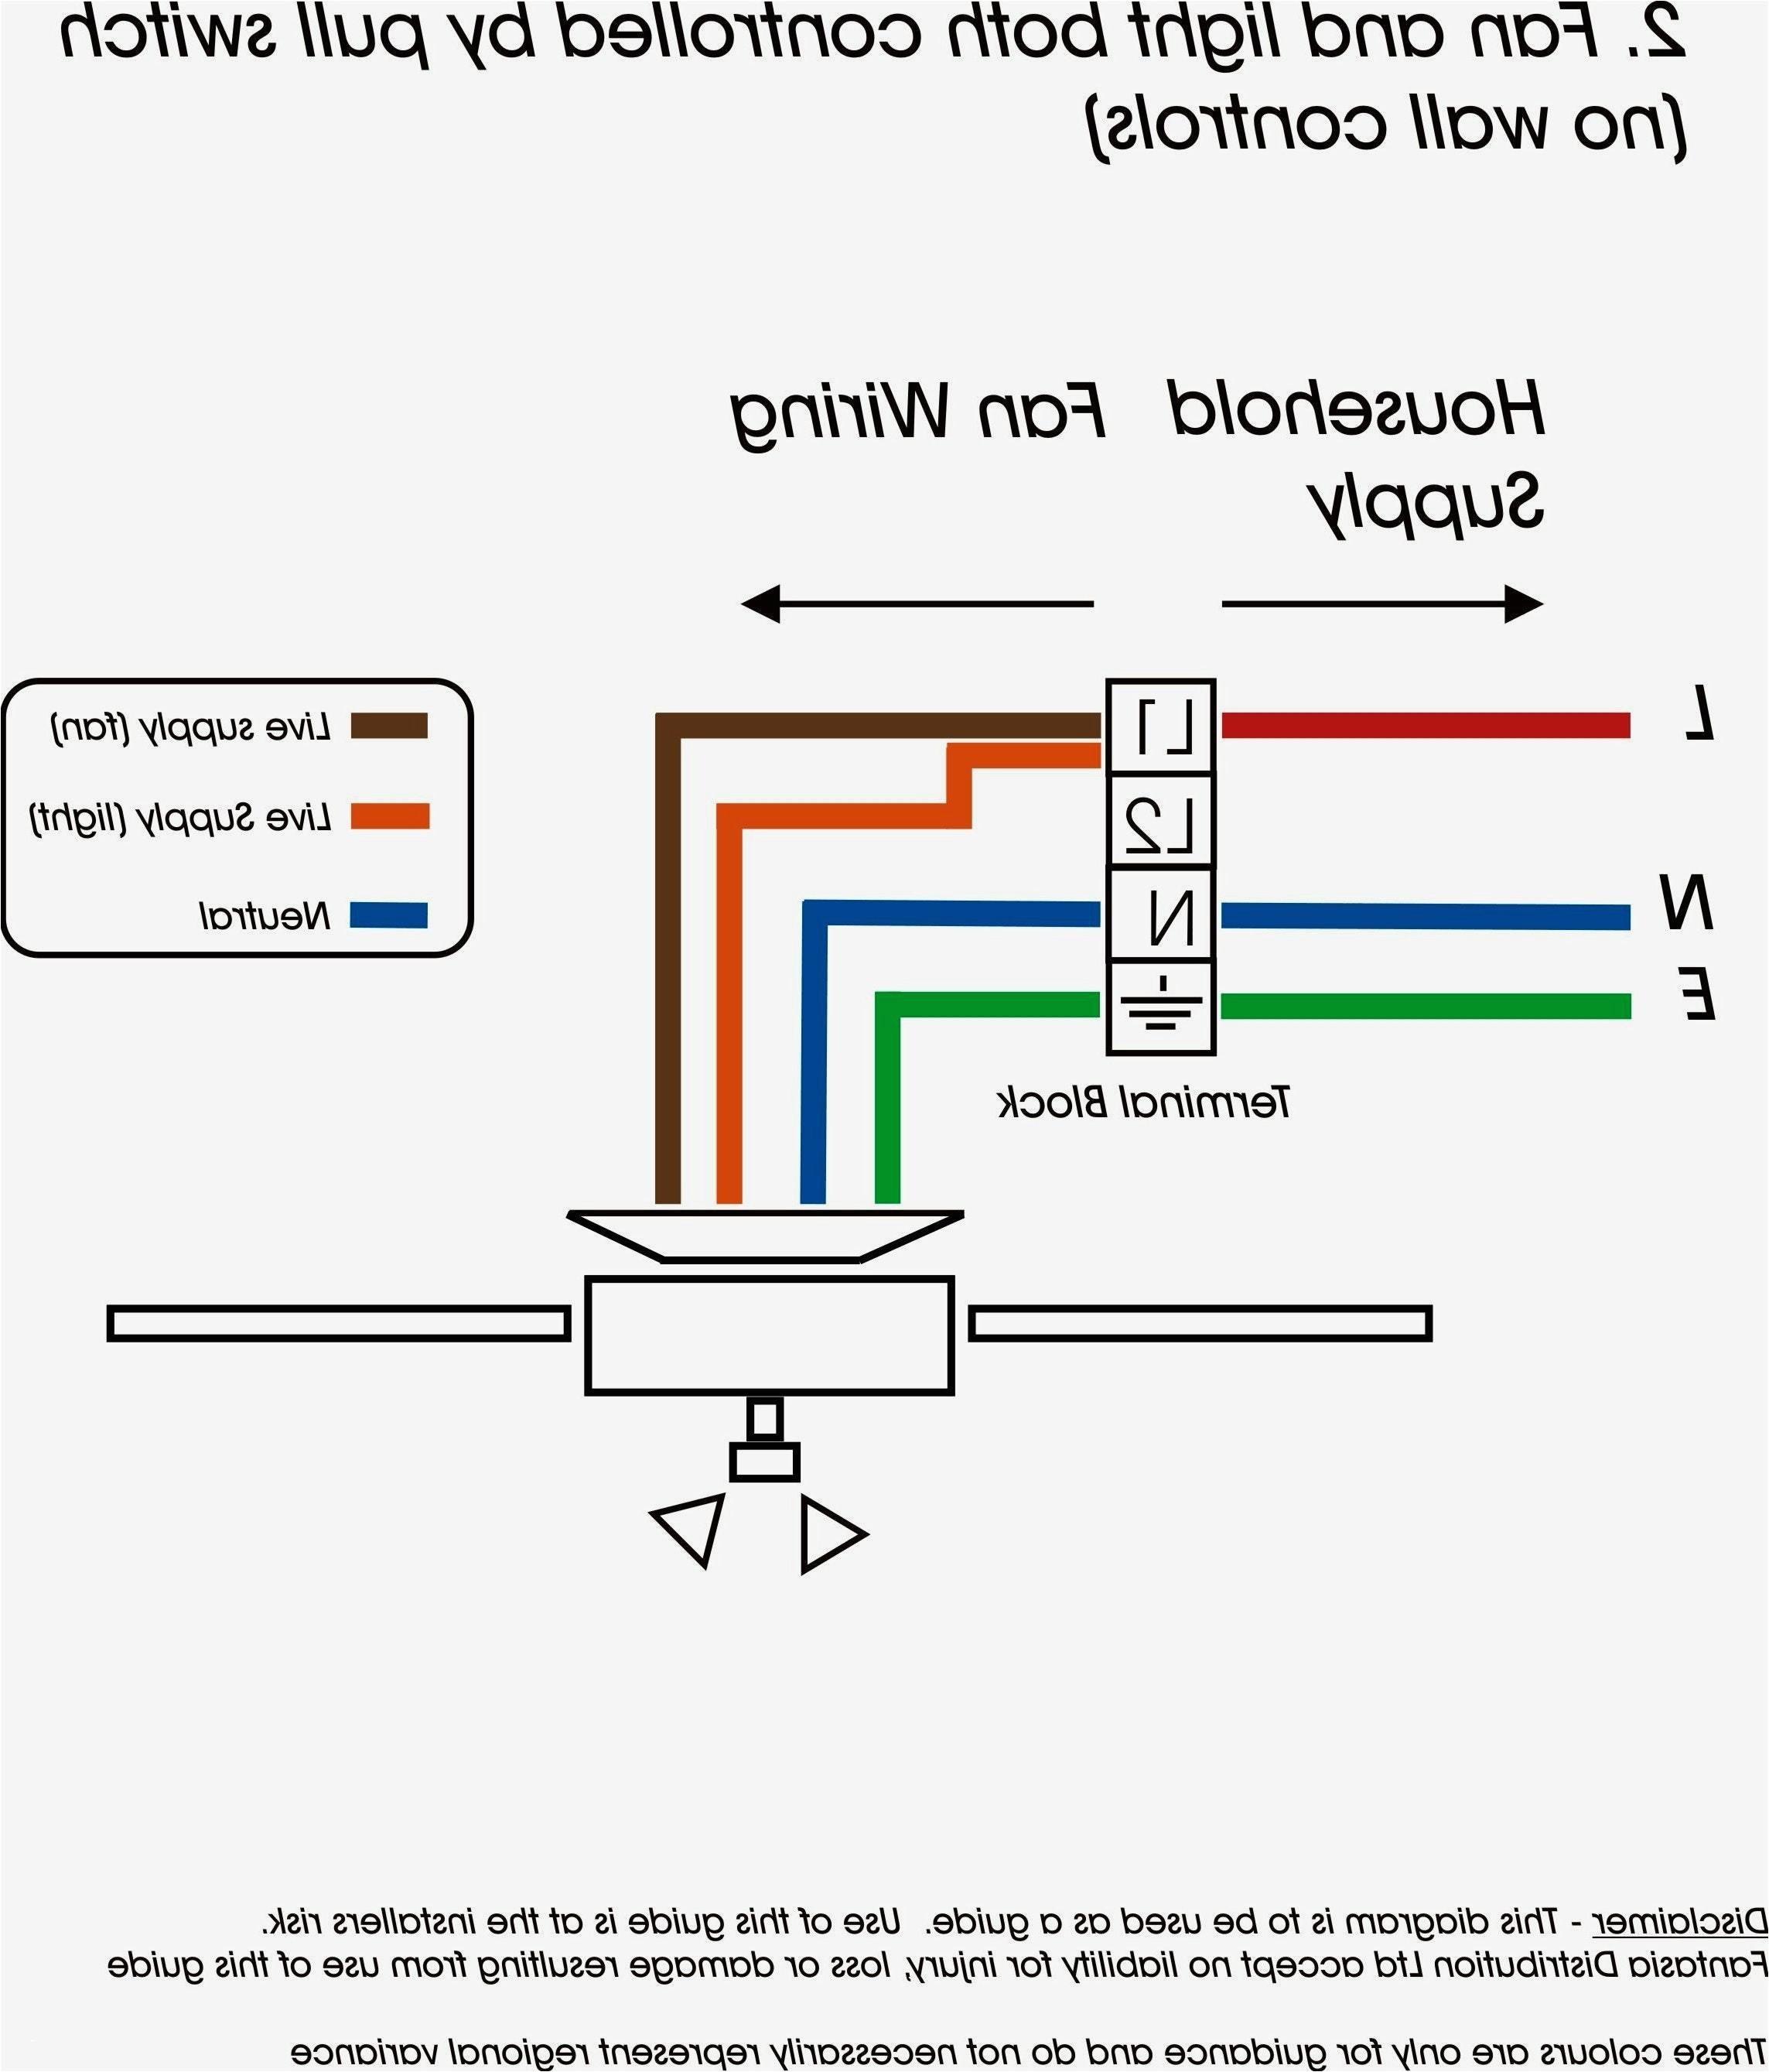 4 wire motor wiring diagram wire management wiring diagram 4 wire ac motor wiring diagram 4 wire motor diagram